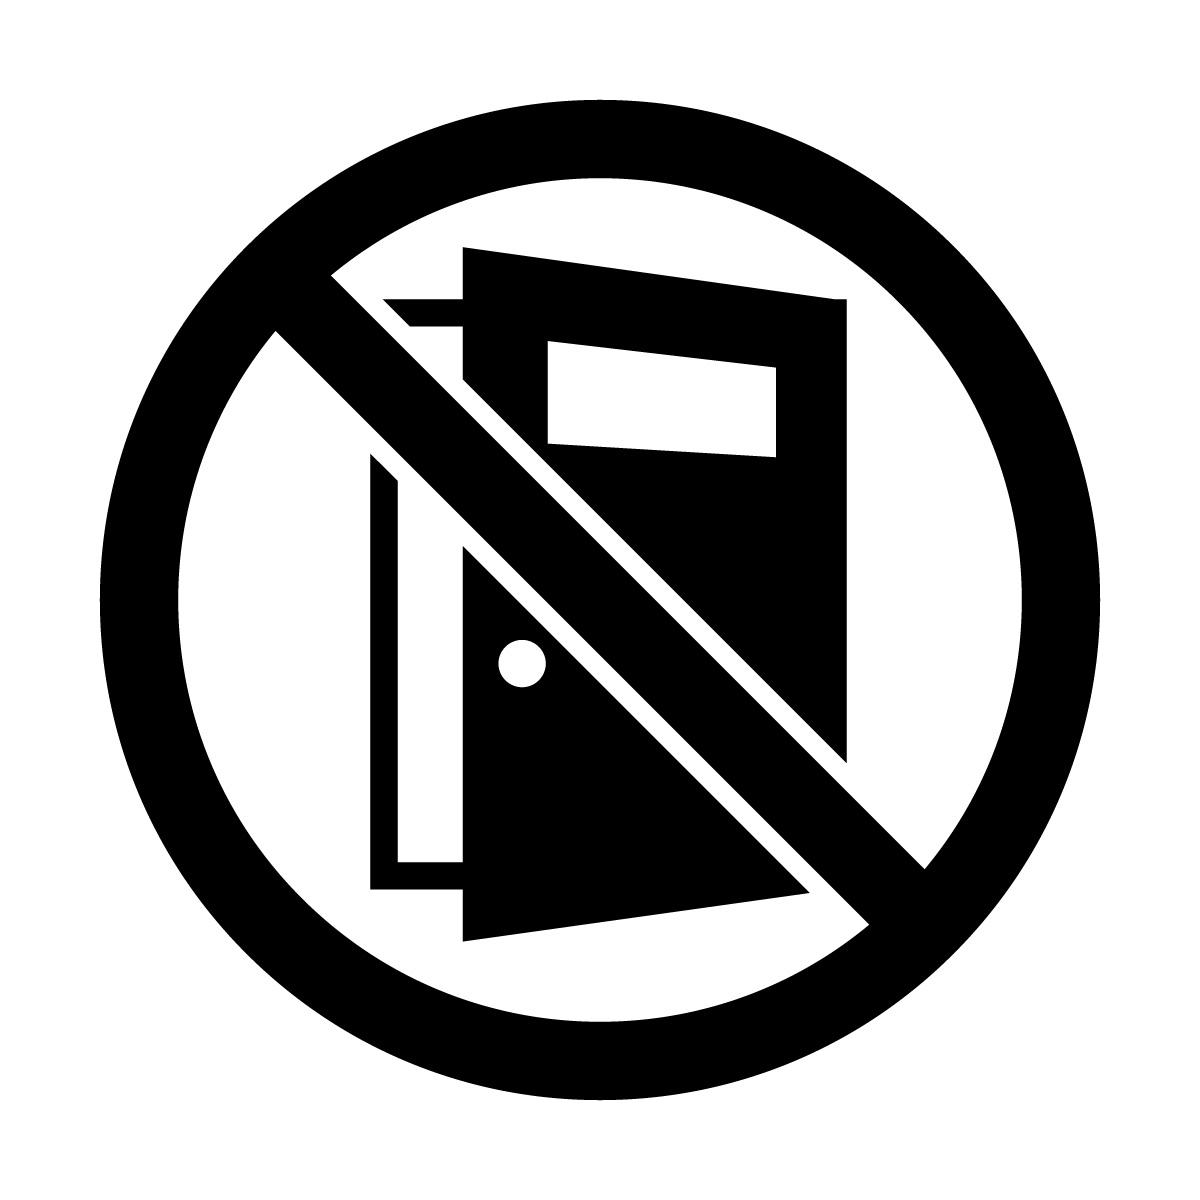 黒色のドアの開放を注意・禁止マークのカッティングステッカー・シール